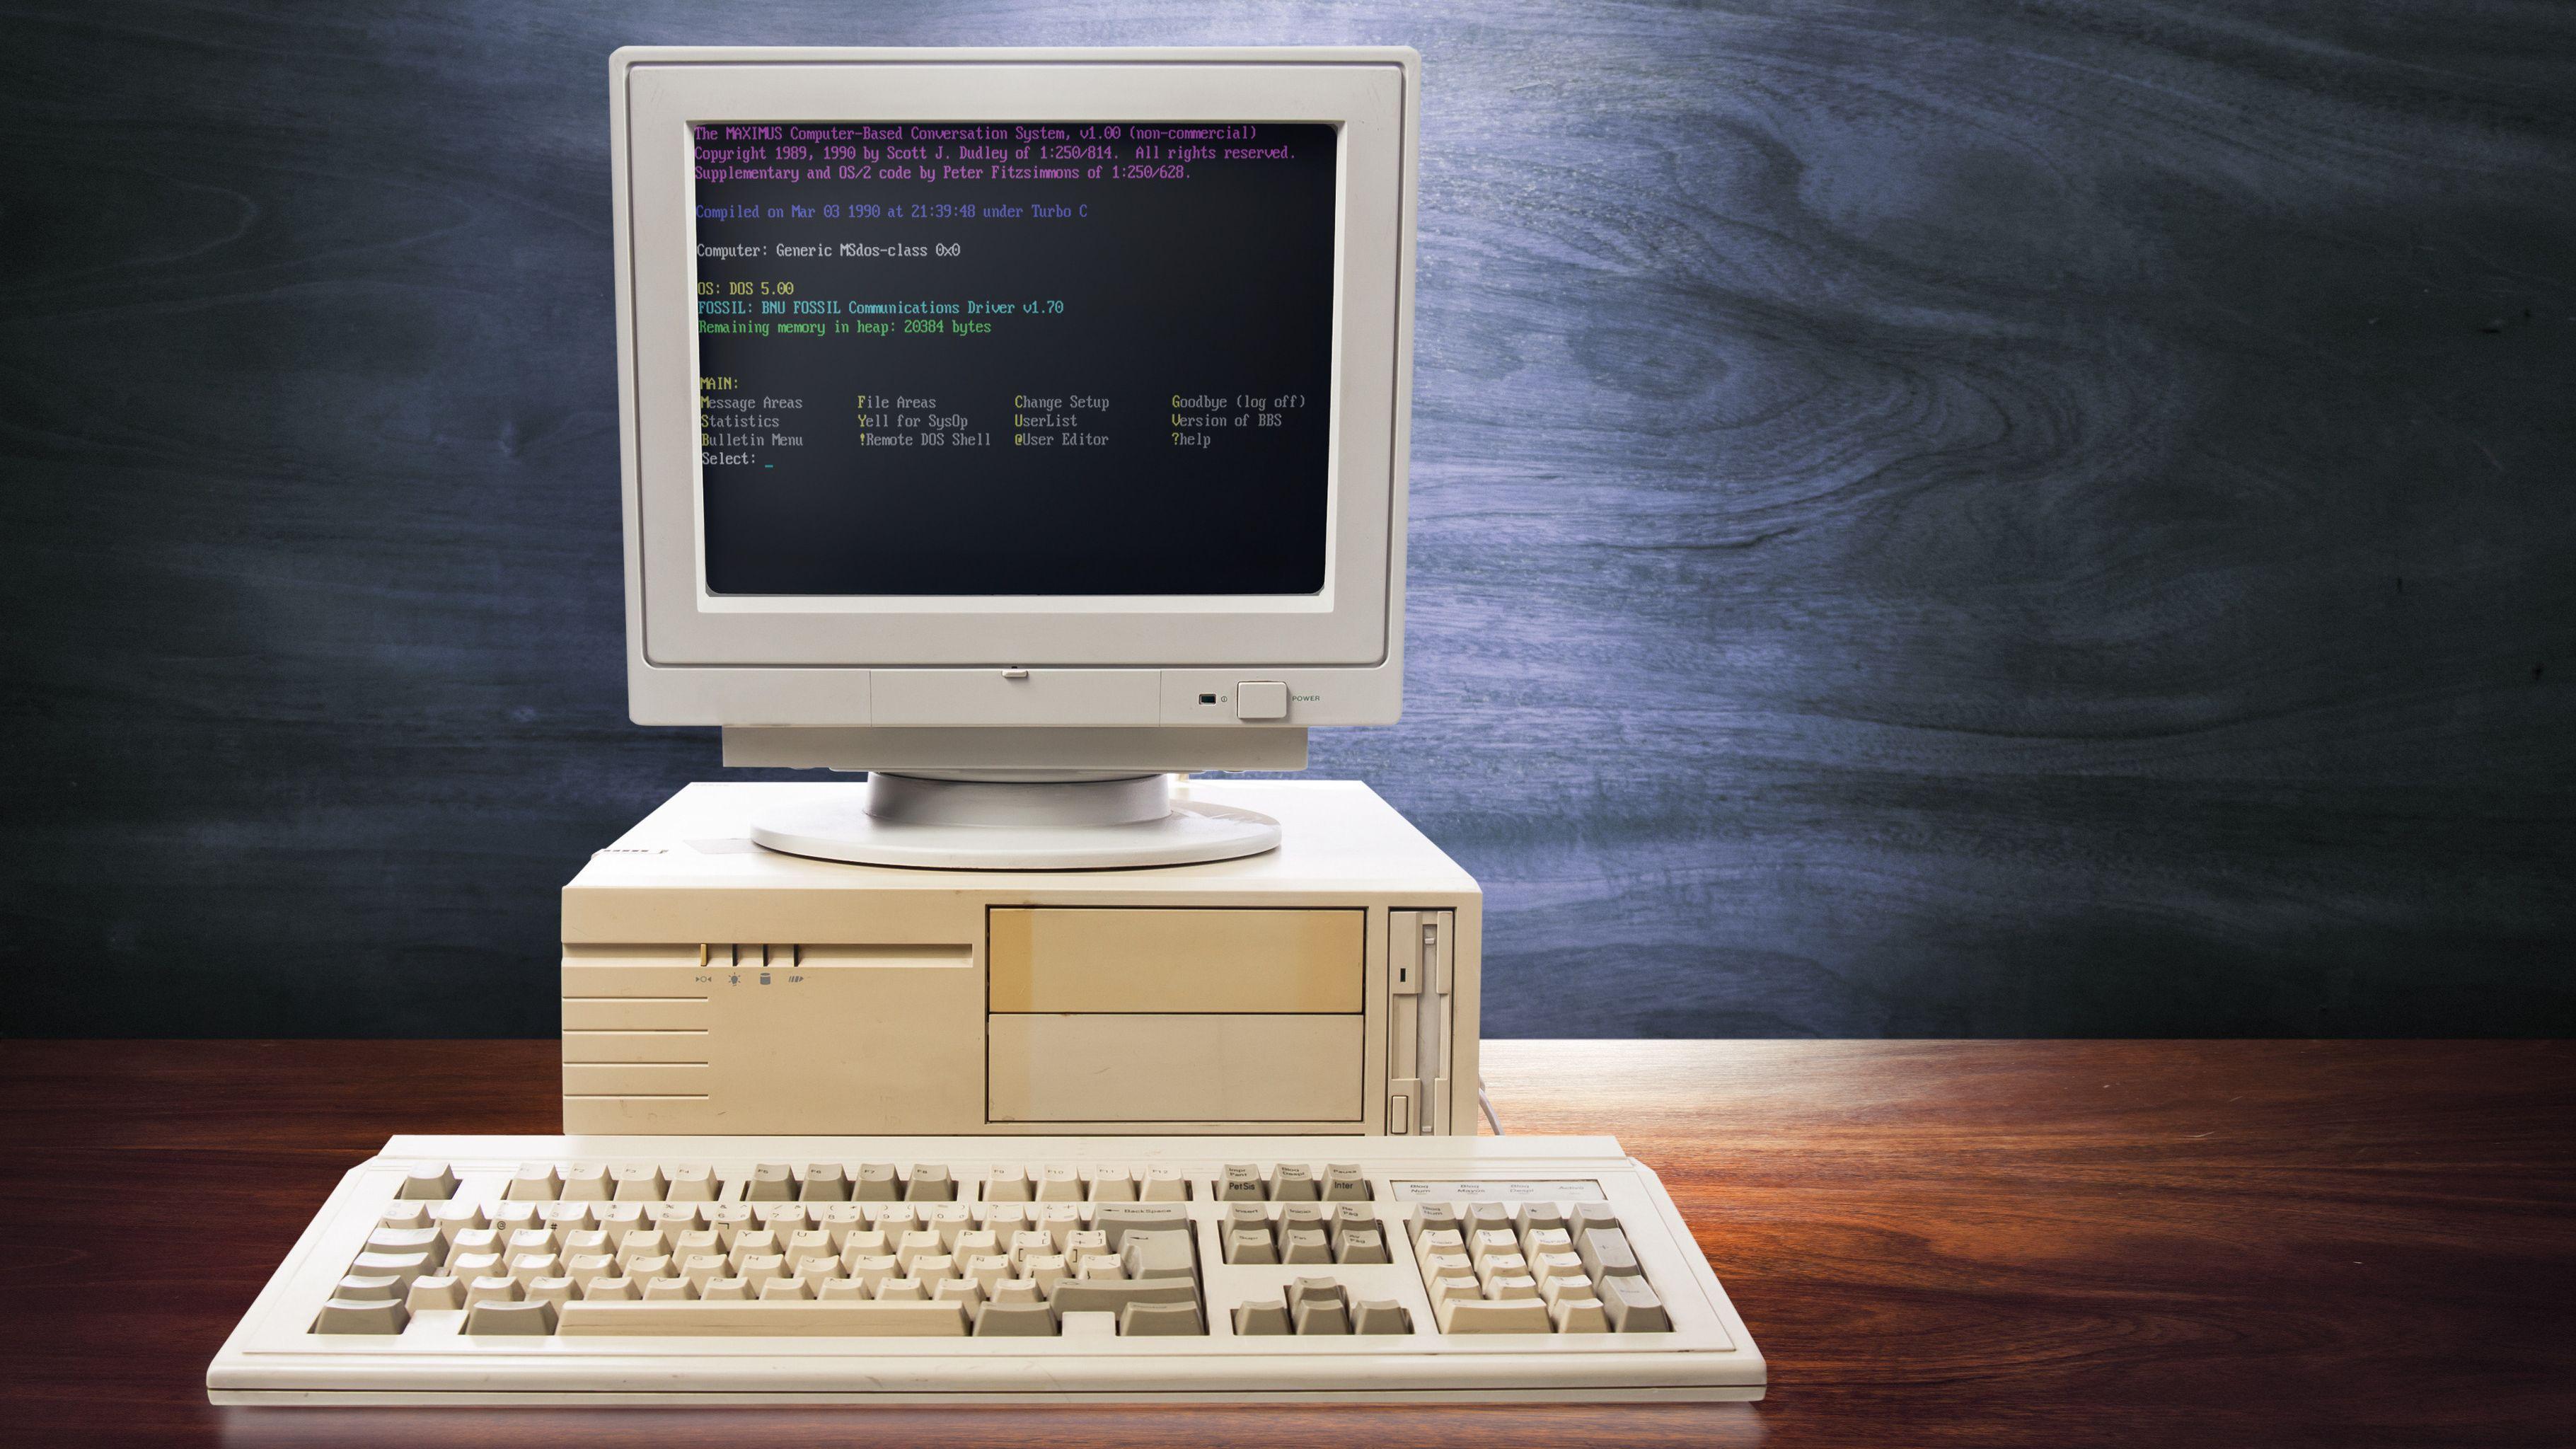 BBS-er – tumleplass for nerdene på 80- og 90-tallet